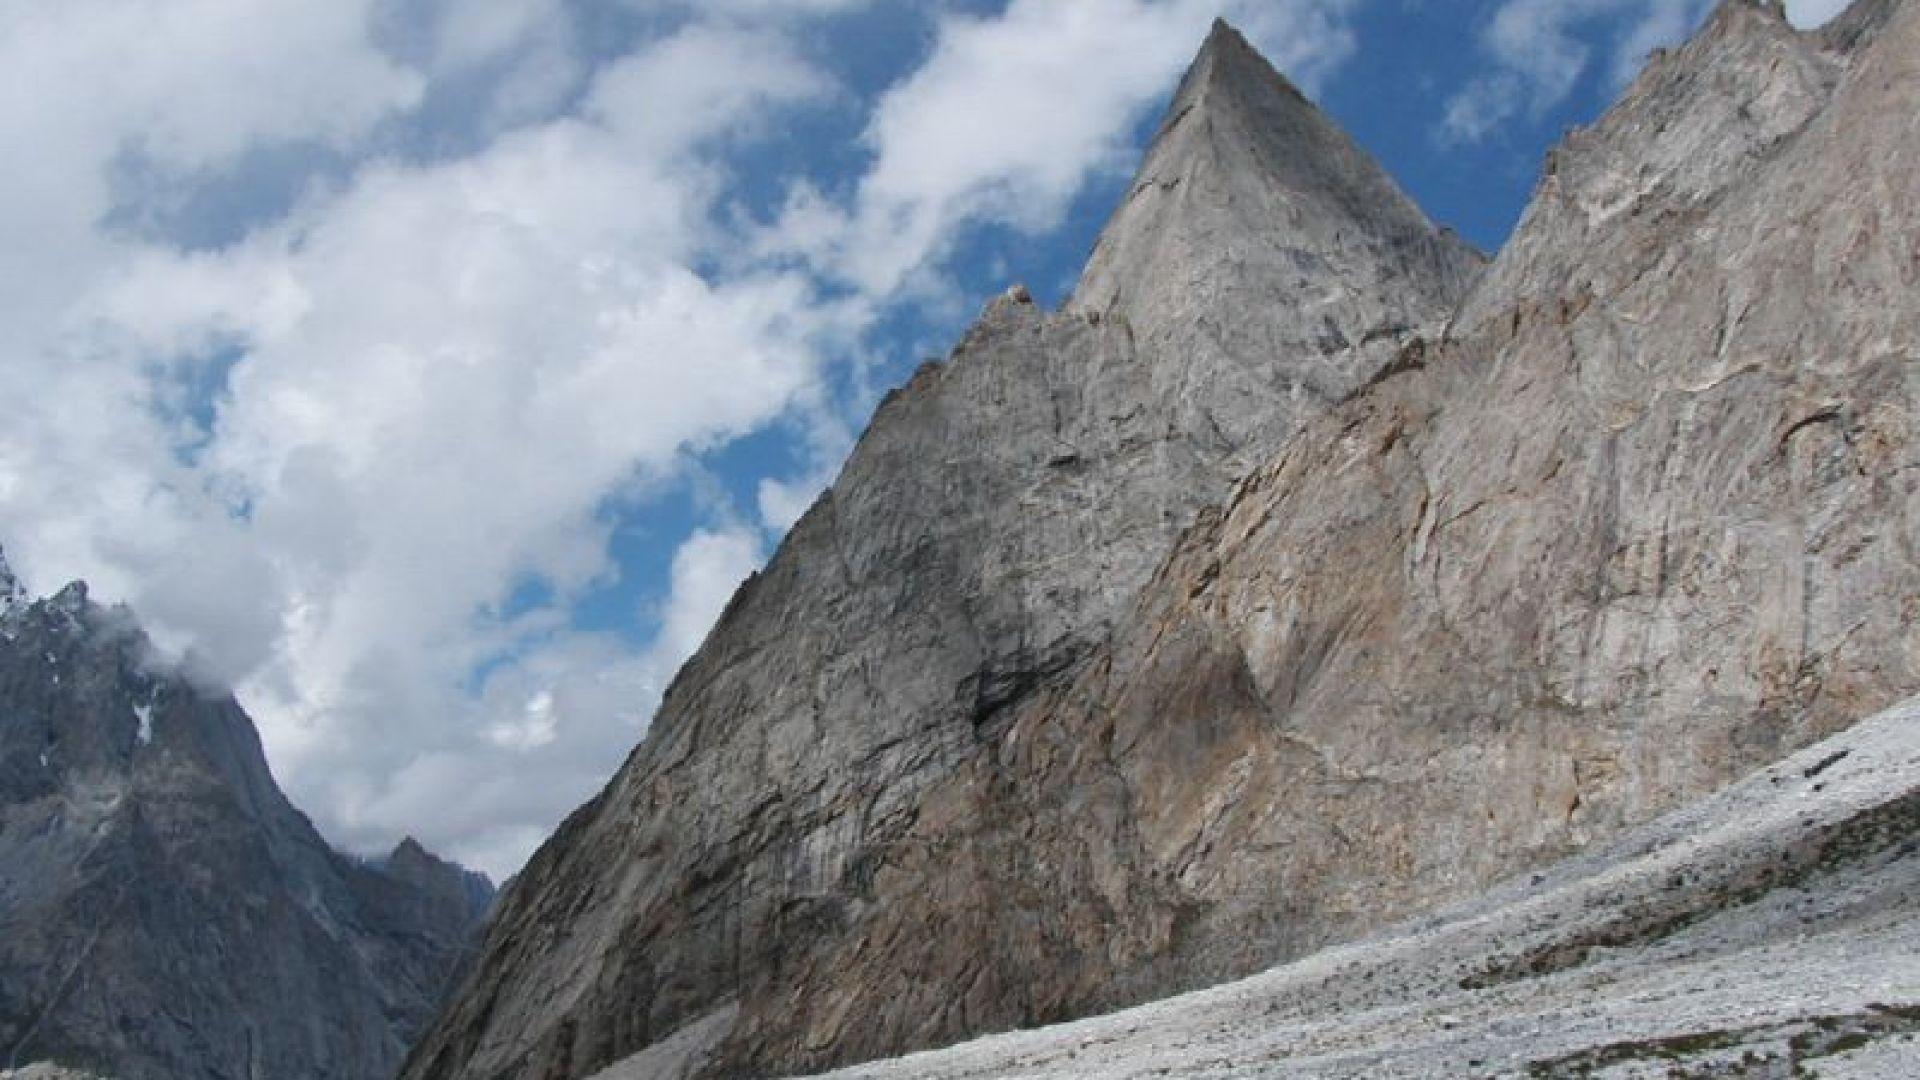 Снимка: Български алпинисти ще проправят нов маршрут към красивия връх Nayser Brakk в Пакистан